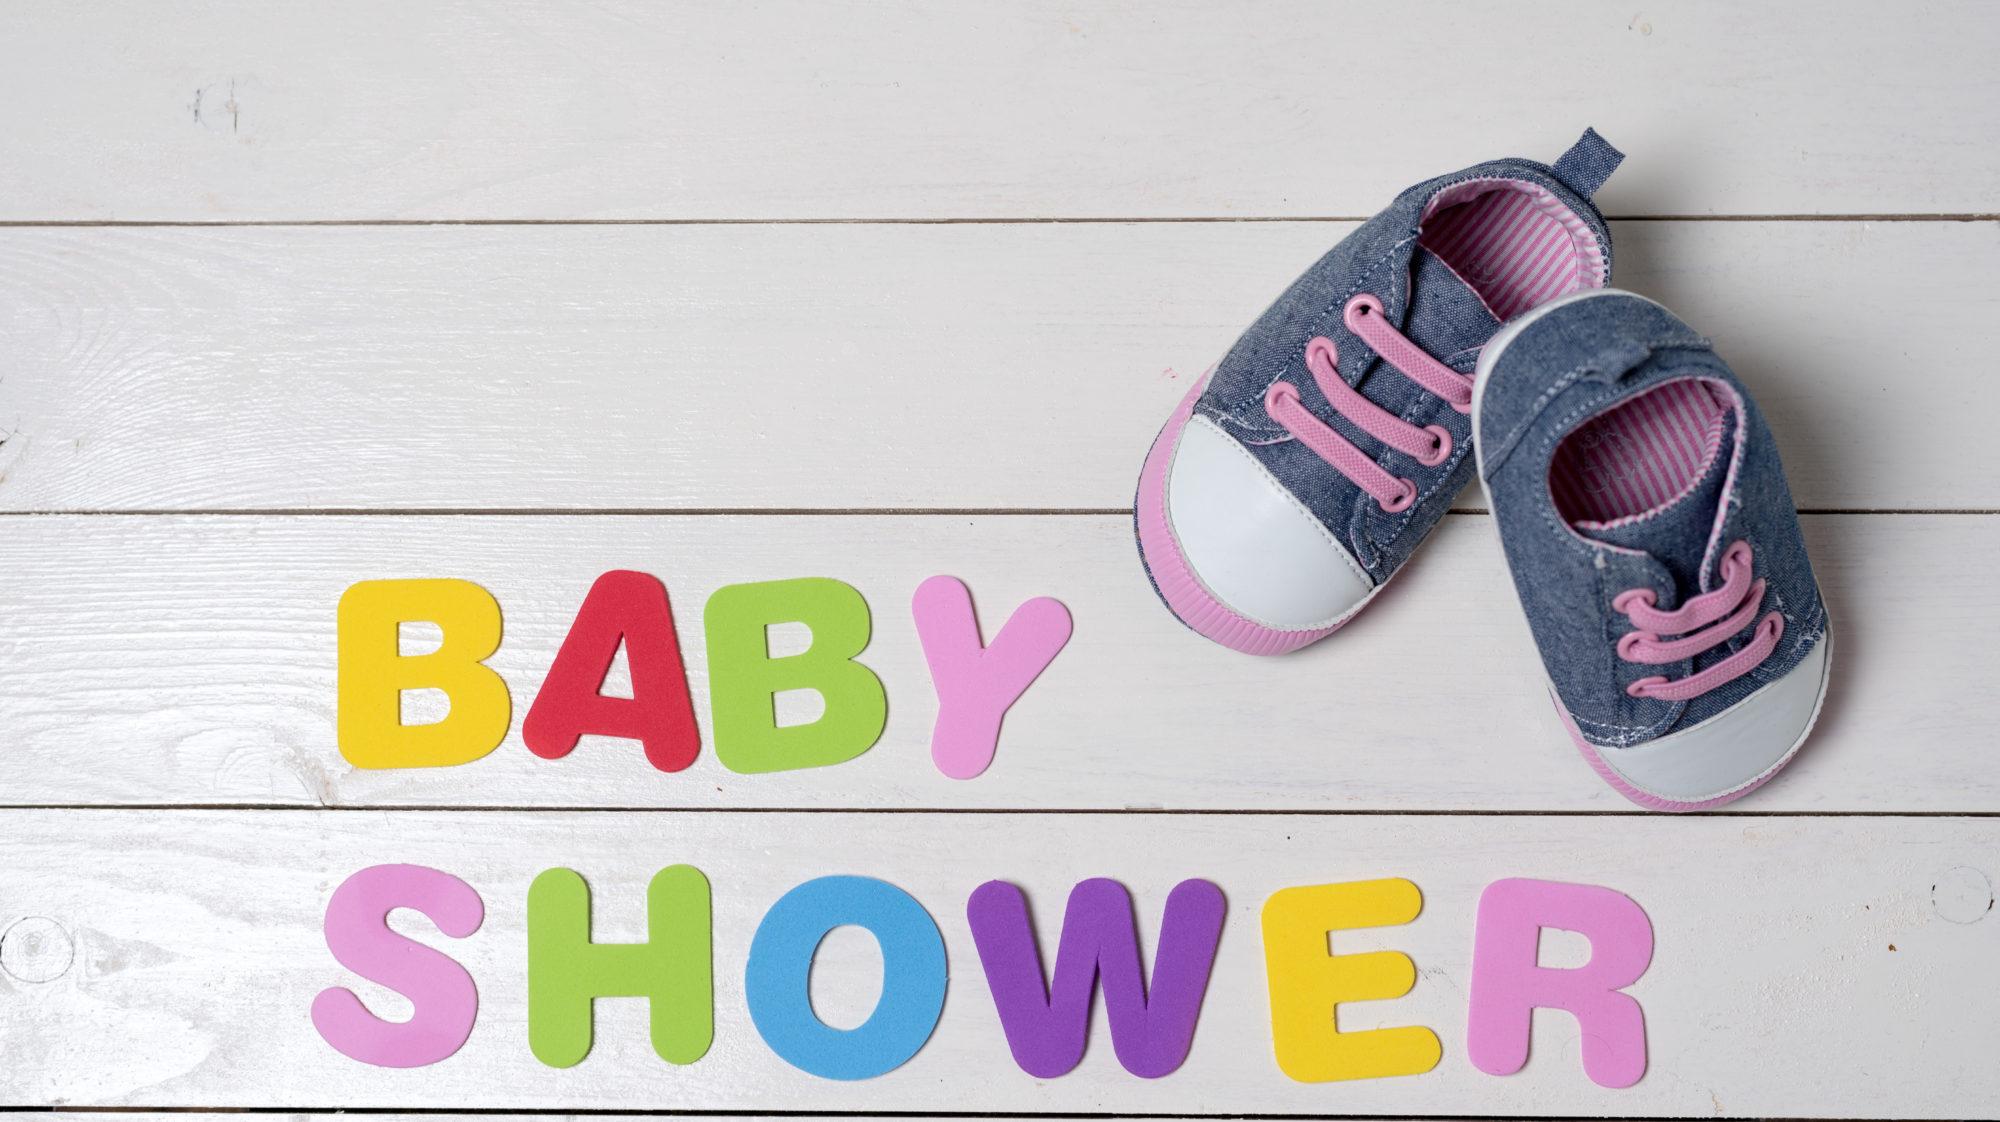 Idée Cadeau Baby Shower my baby shower - conseils et idées pour organiser une baby